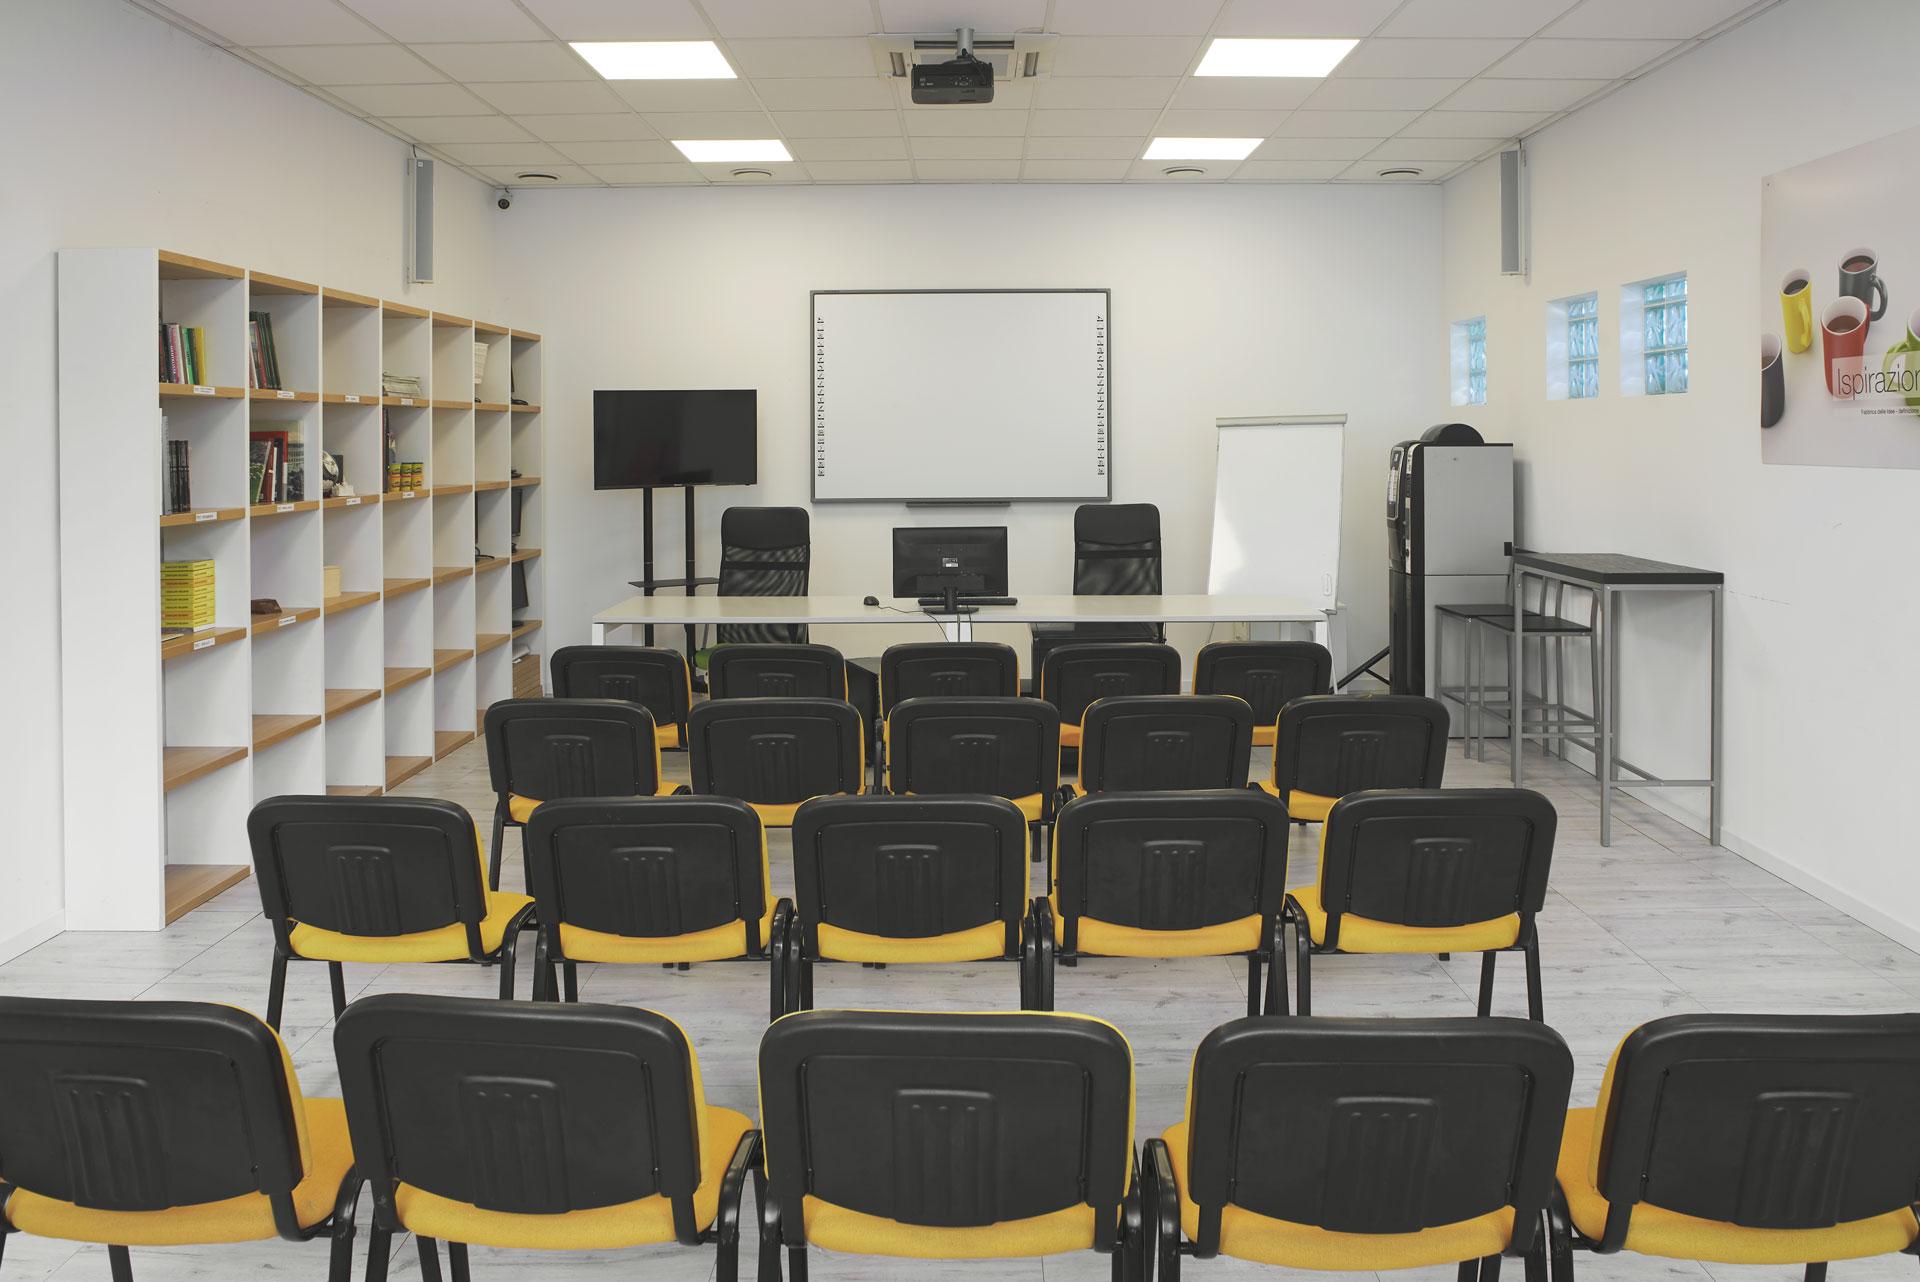 Sala Riunioni allestita per una conferenza con sedie allineate che guardano la lavagna ed il televisore